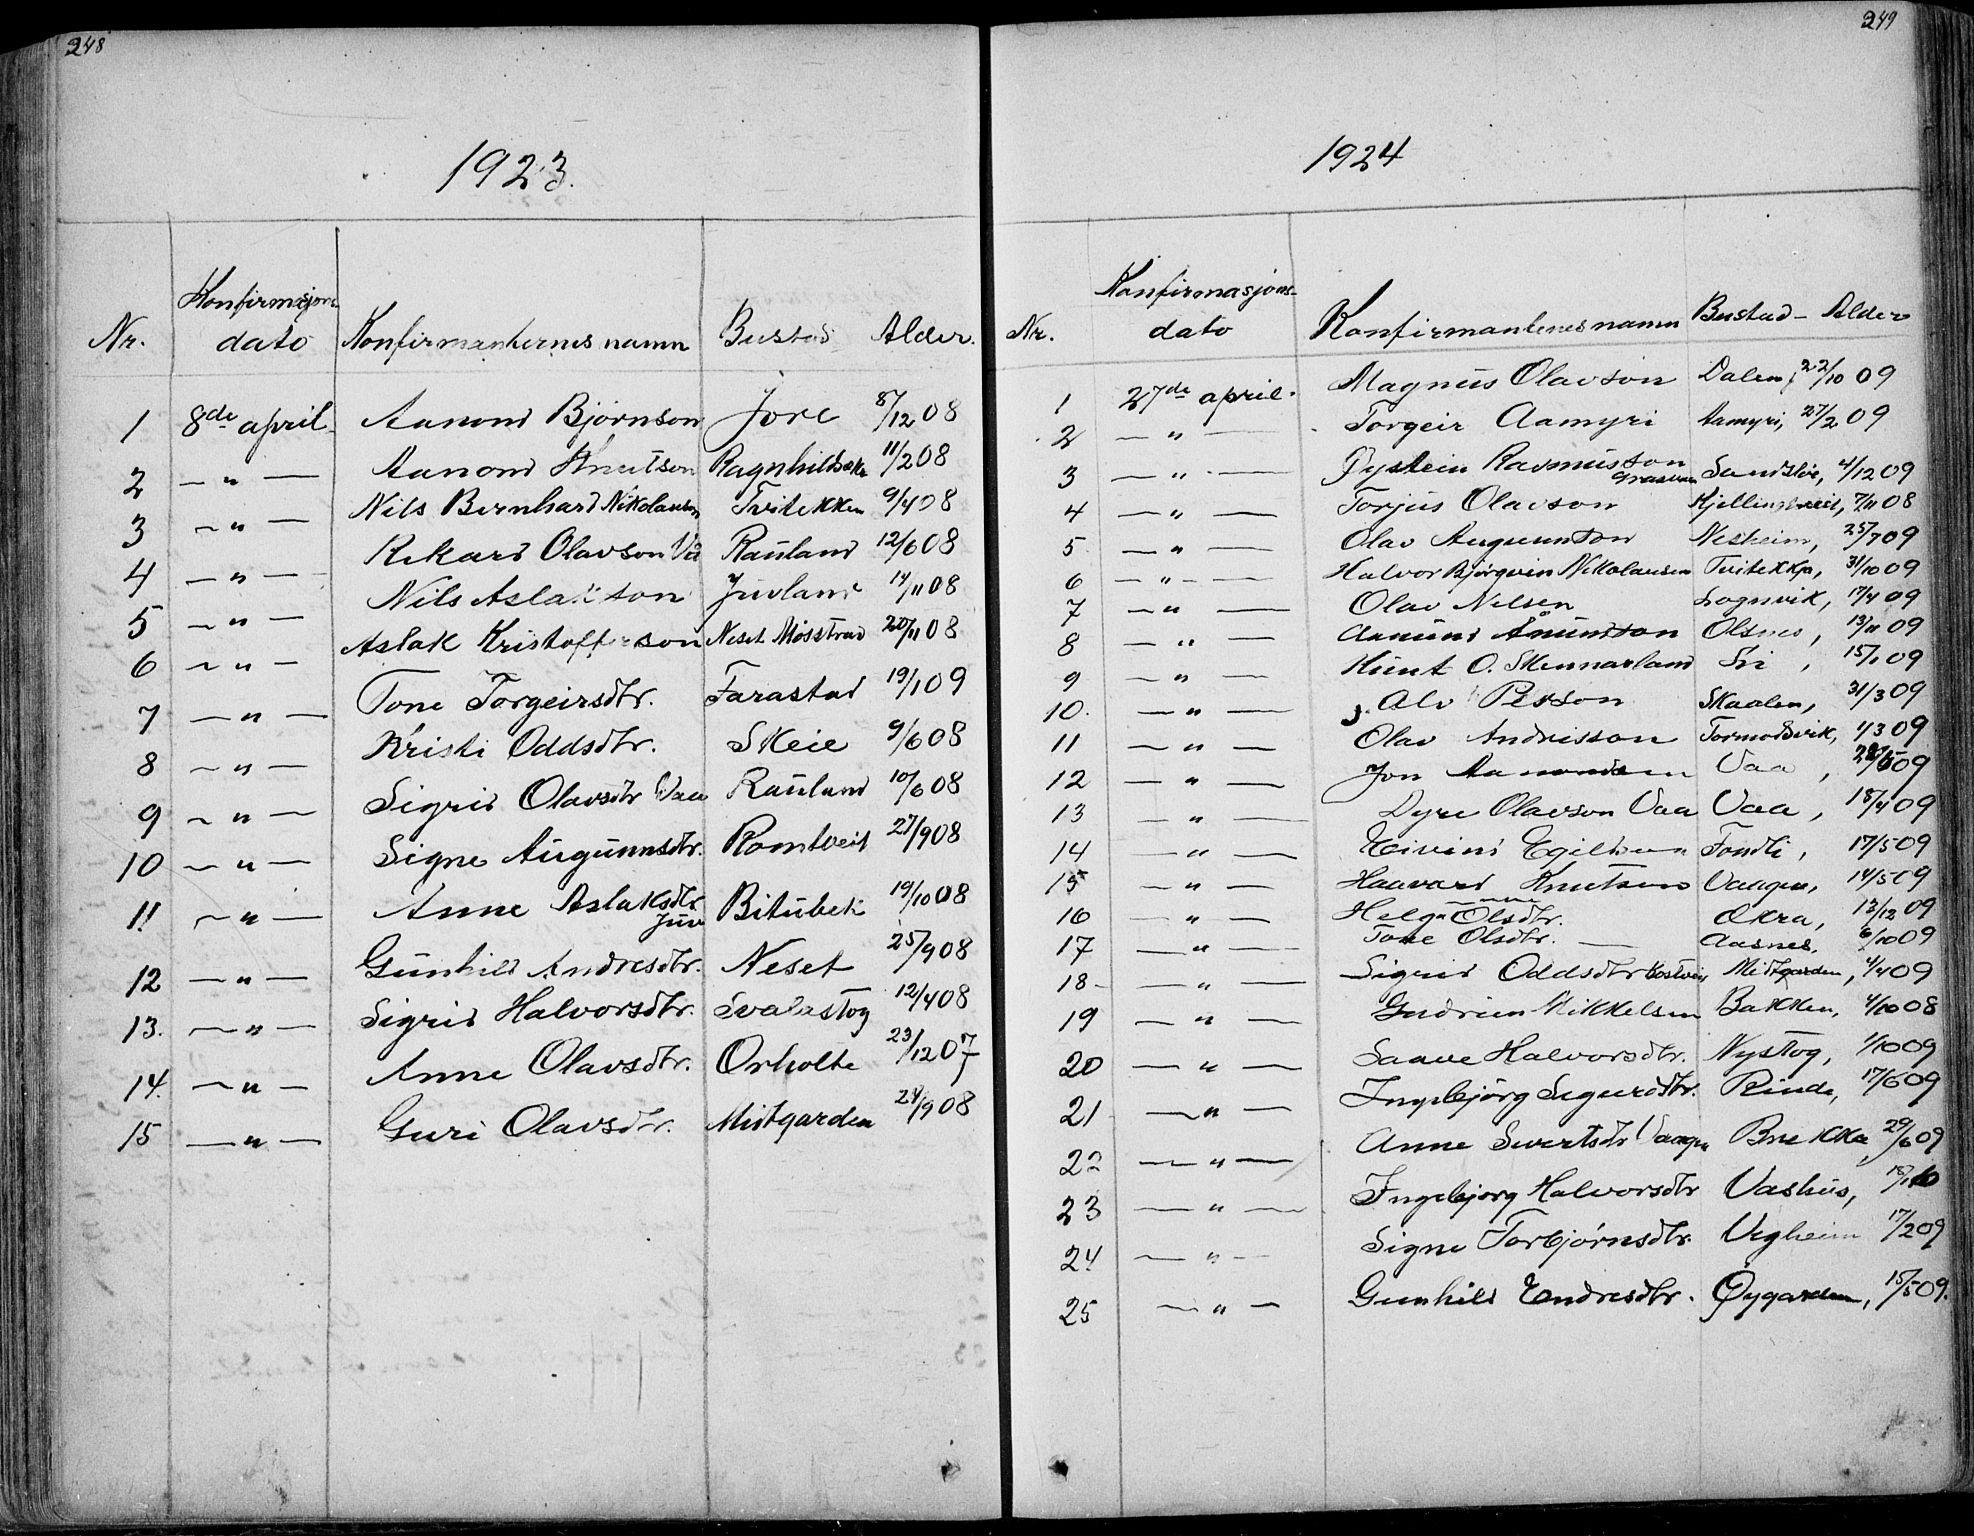 SAKO, Rauland kirkebøker, G/Ga/L0002: Klokkerbok nr. I 2, 1849-1935, s. 248-249